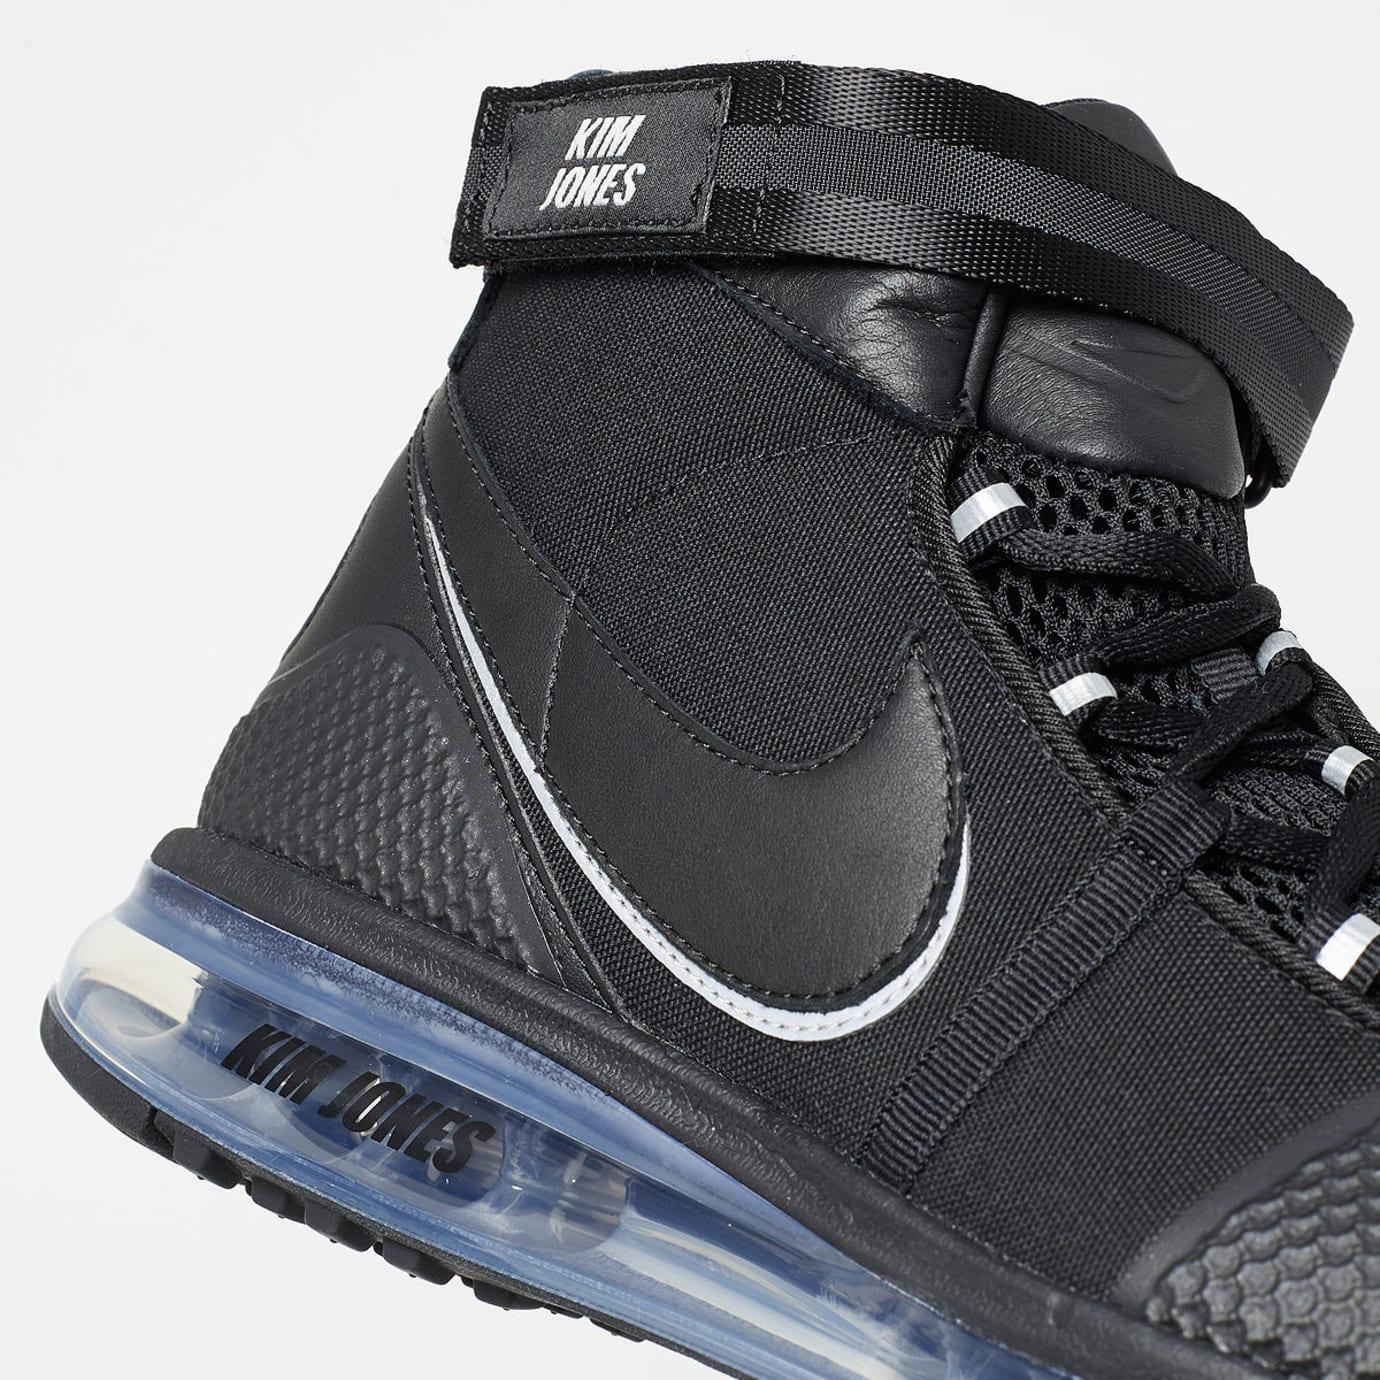 a1af63c7a7 Image via Solebox · Kim Jones x NikeLab Air Max 360 HI/JK 'Black' AO2313-001